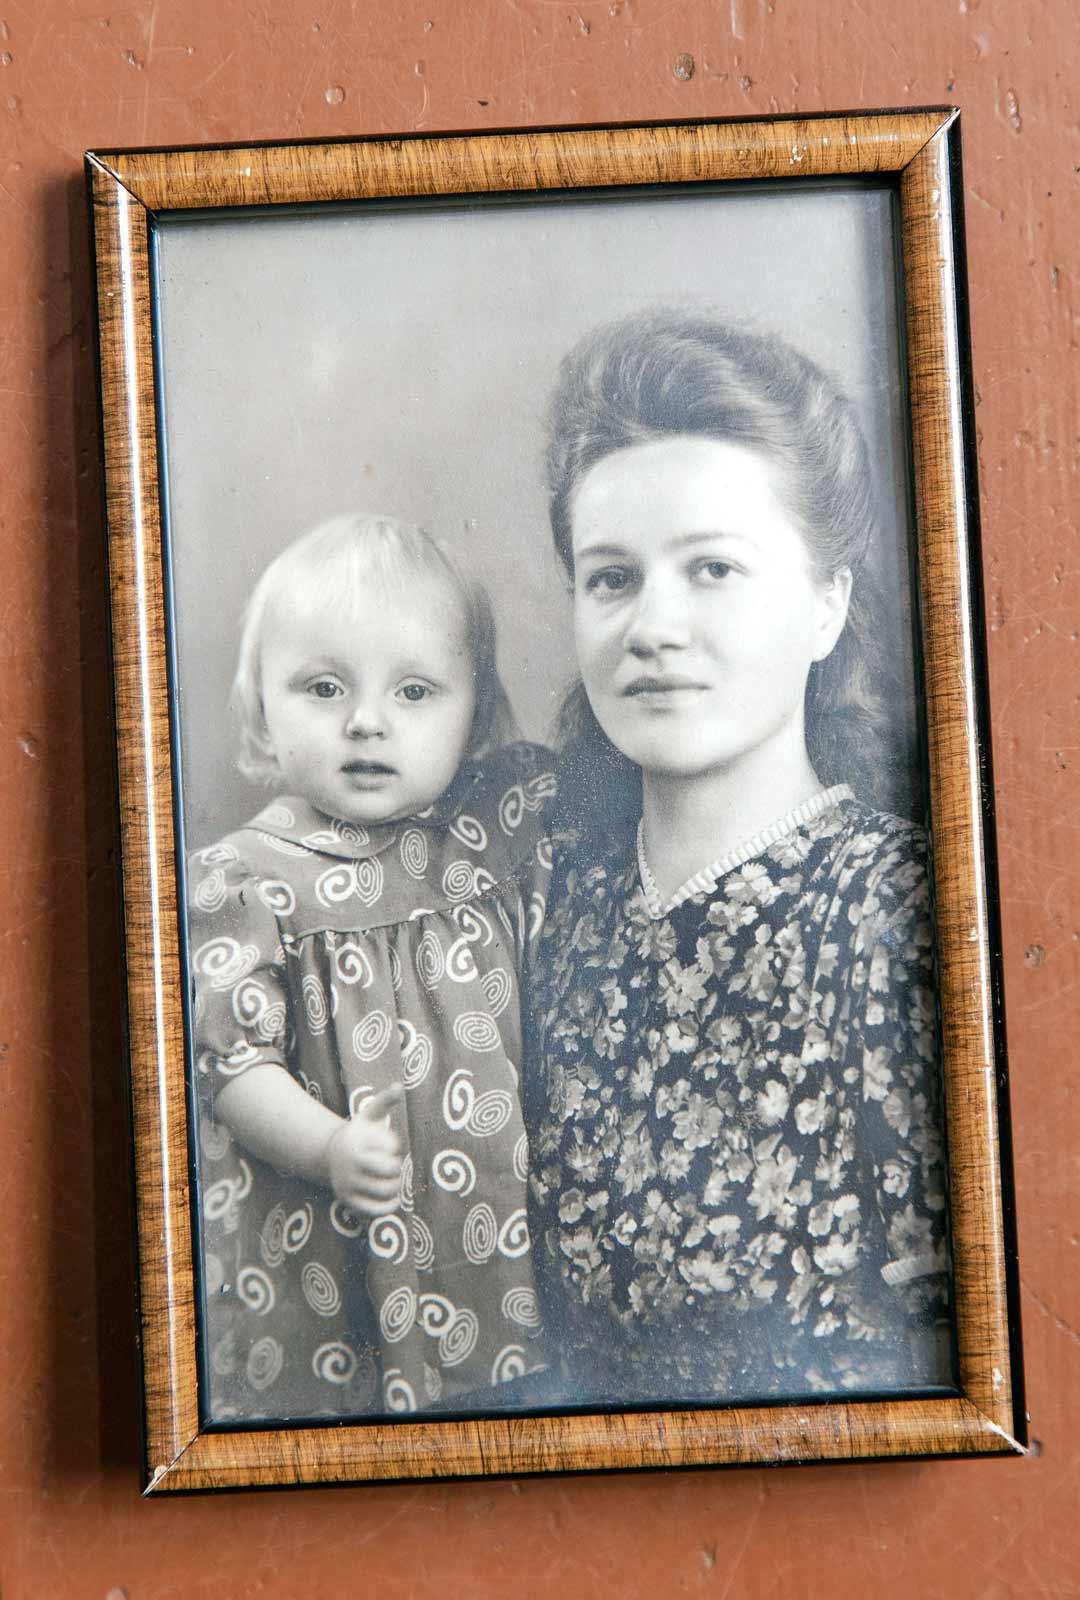 Mirjami-romaanissa kerrotaan myös sukulaistytöstä, joka on kuvassa Könkään äidin kanssa. Tytön oma äiti menehtyi kurkkumätään.